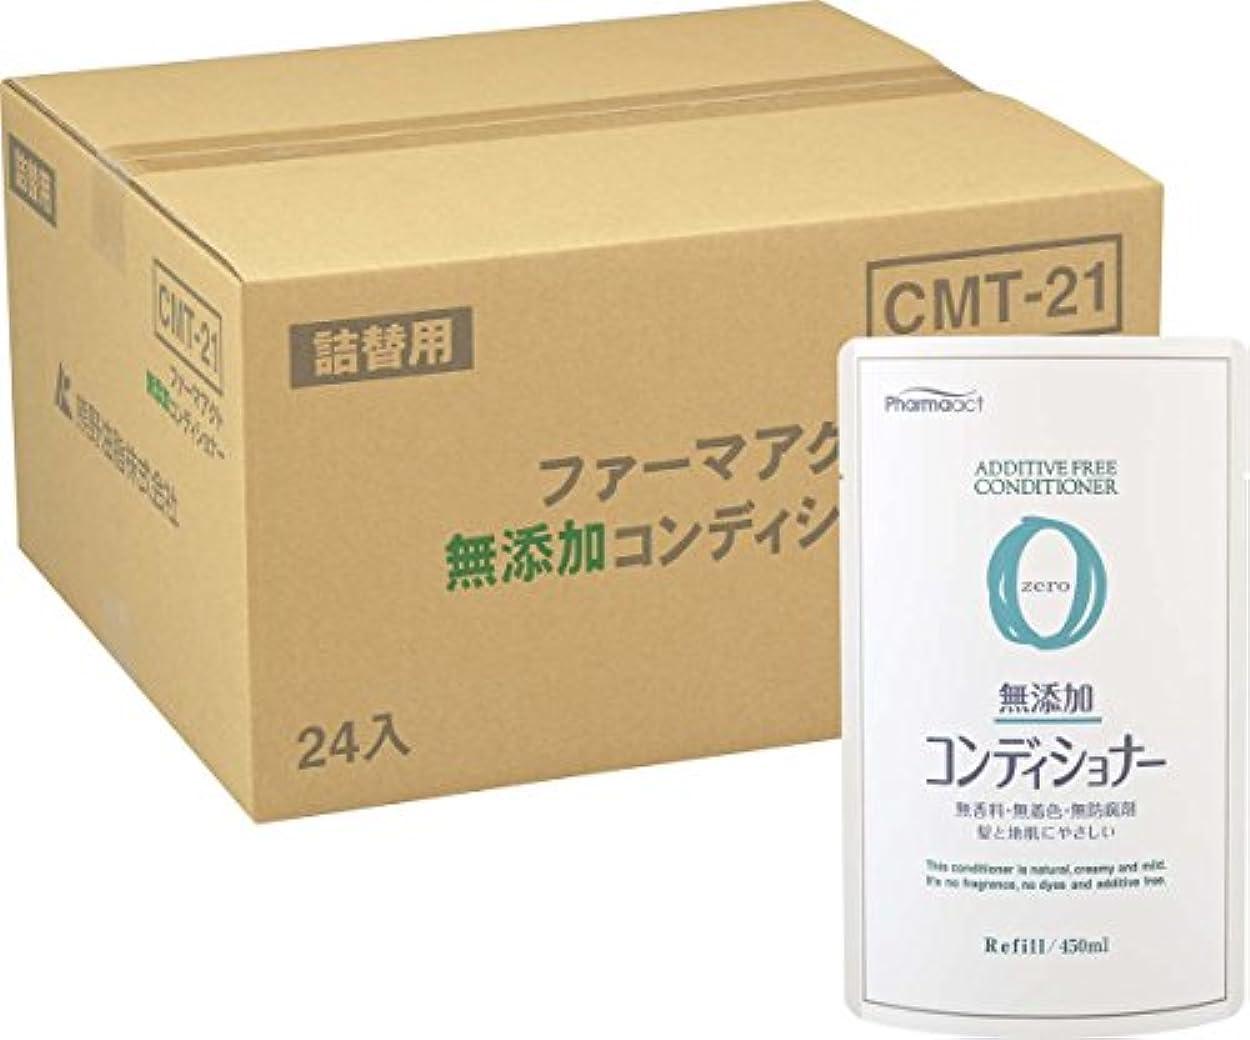 【ケース販売】ファーマアクト 無添加コンディショナー詰替用 450ml×24個入